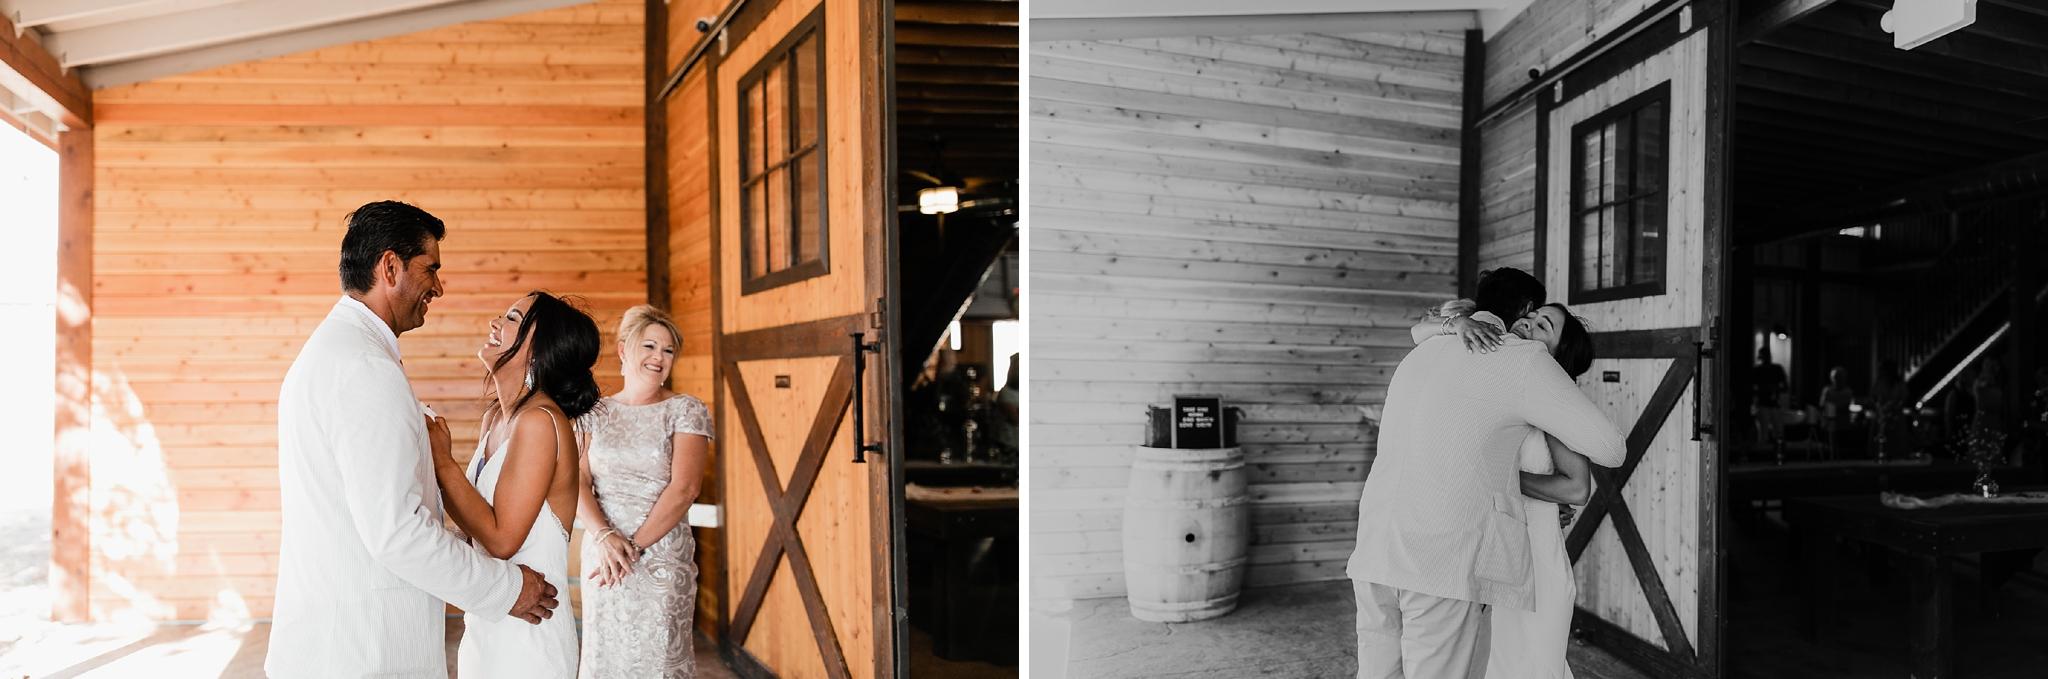 Alicia+lucia+photography+-+albuquerque+wedding+photographer+-+santa+fe+wedding+photography+-+new+mexico+wedding+photographer+-+new+mexico+wedding+-+new+mexico+wedding+-+barn+wedding+-+enchanted+vine+barn+wedding+-+ruidoso+wedding_0065.jpg